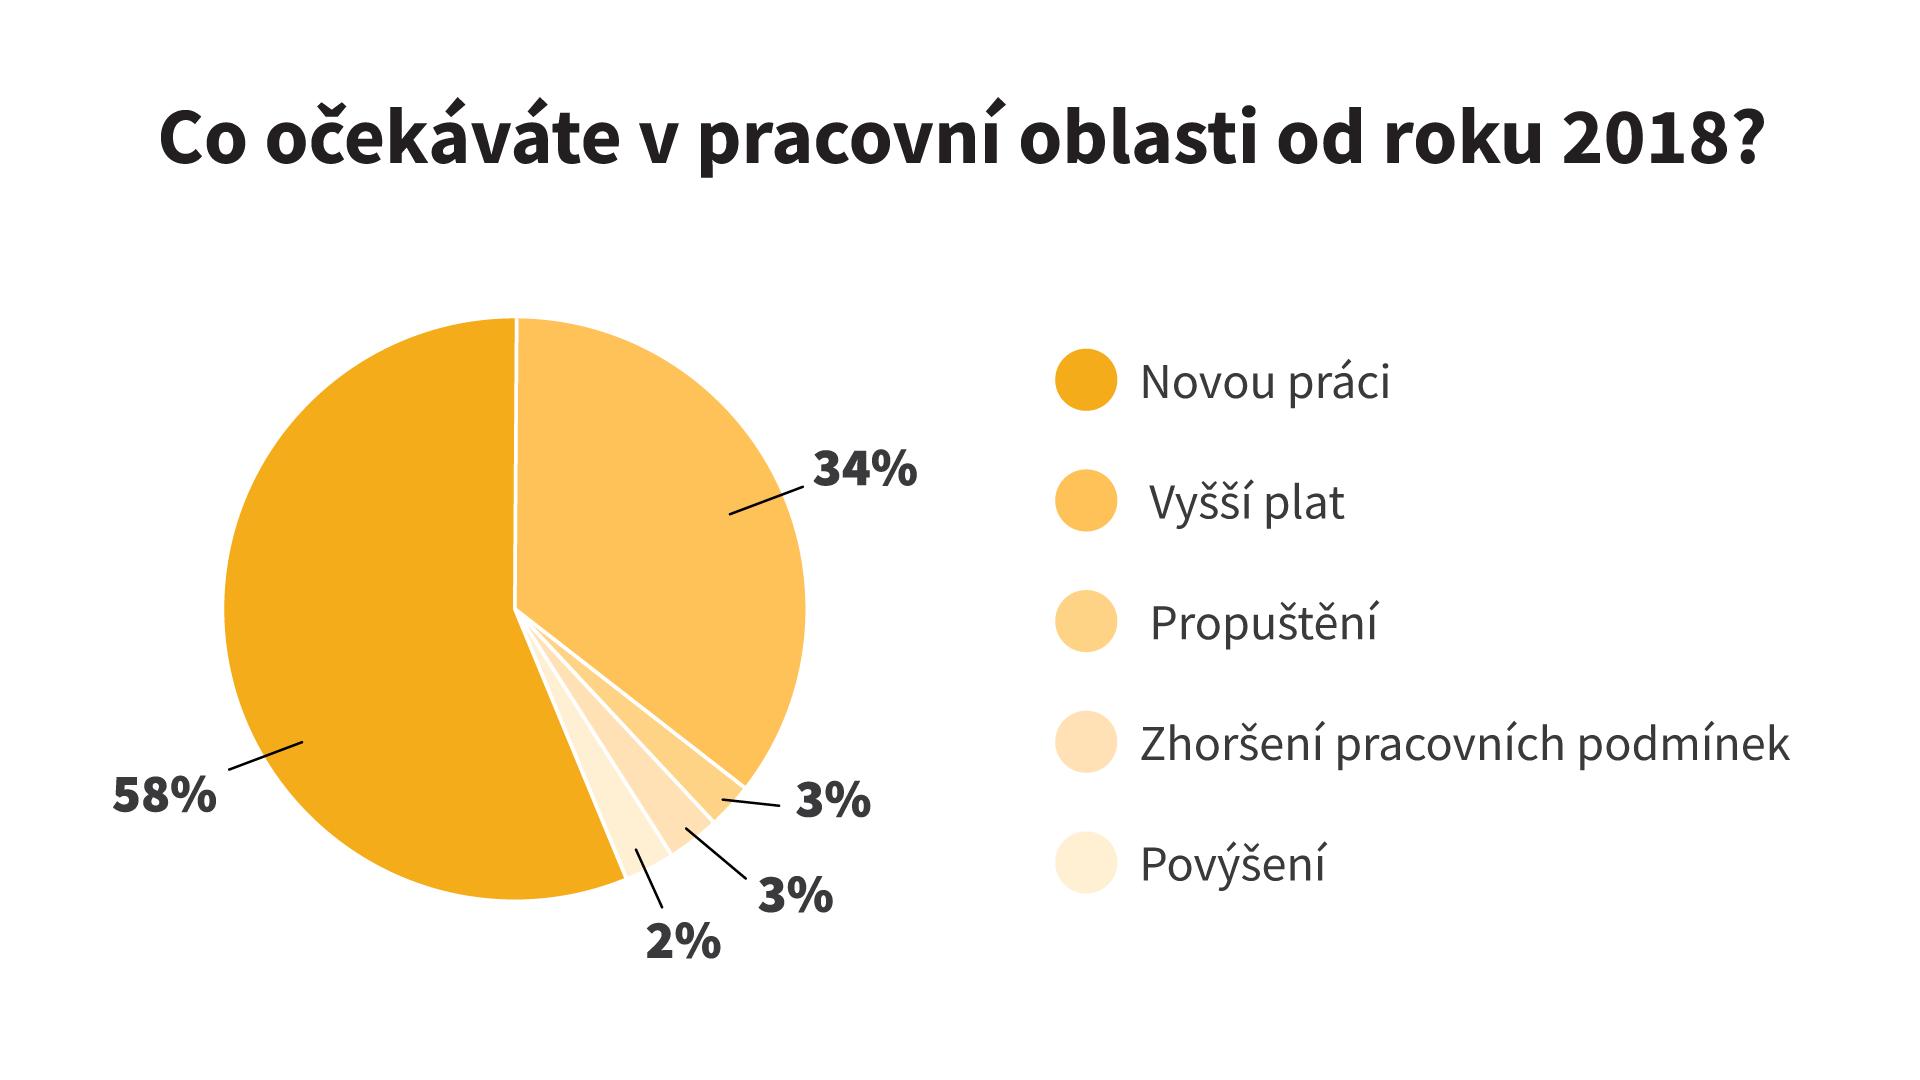 Anketa Profesia.cz - Co očekáváte v pracovní oblasti od roku 2018